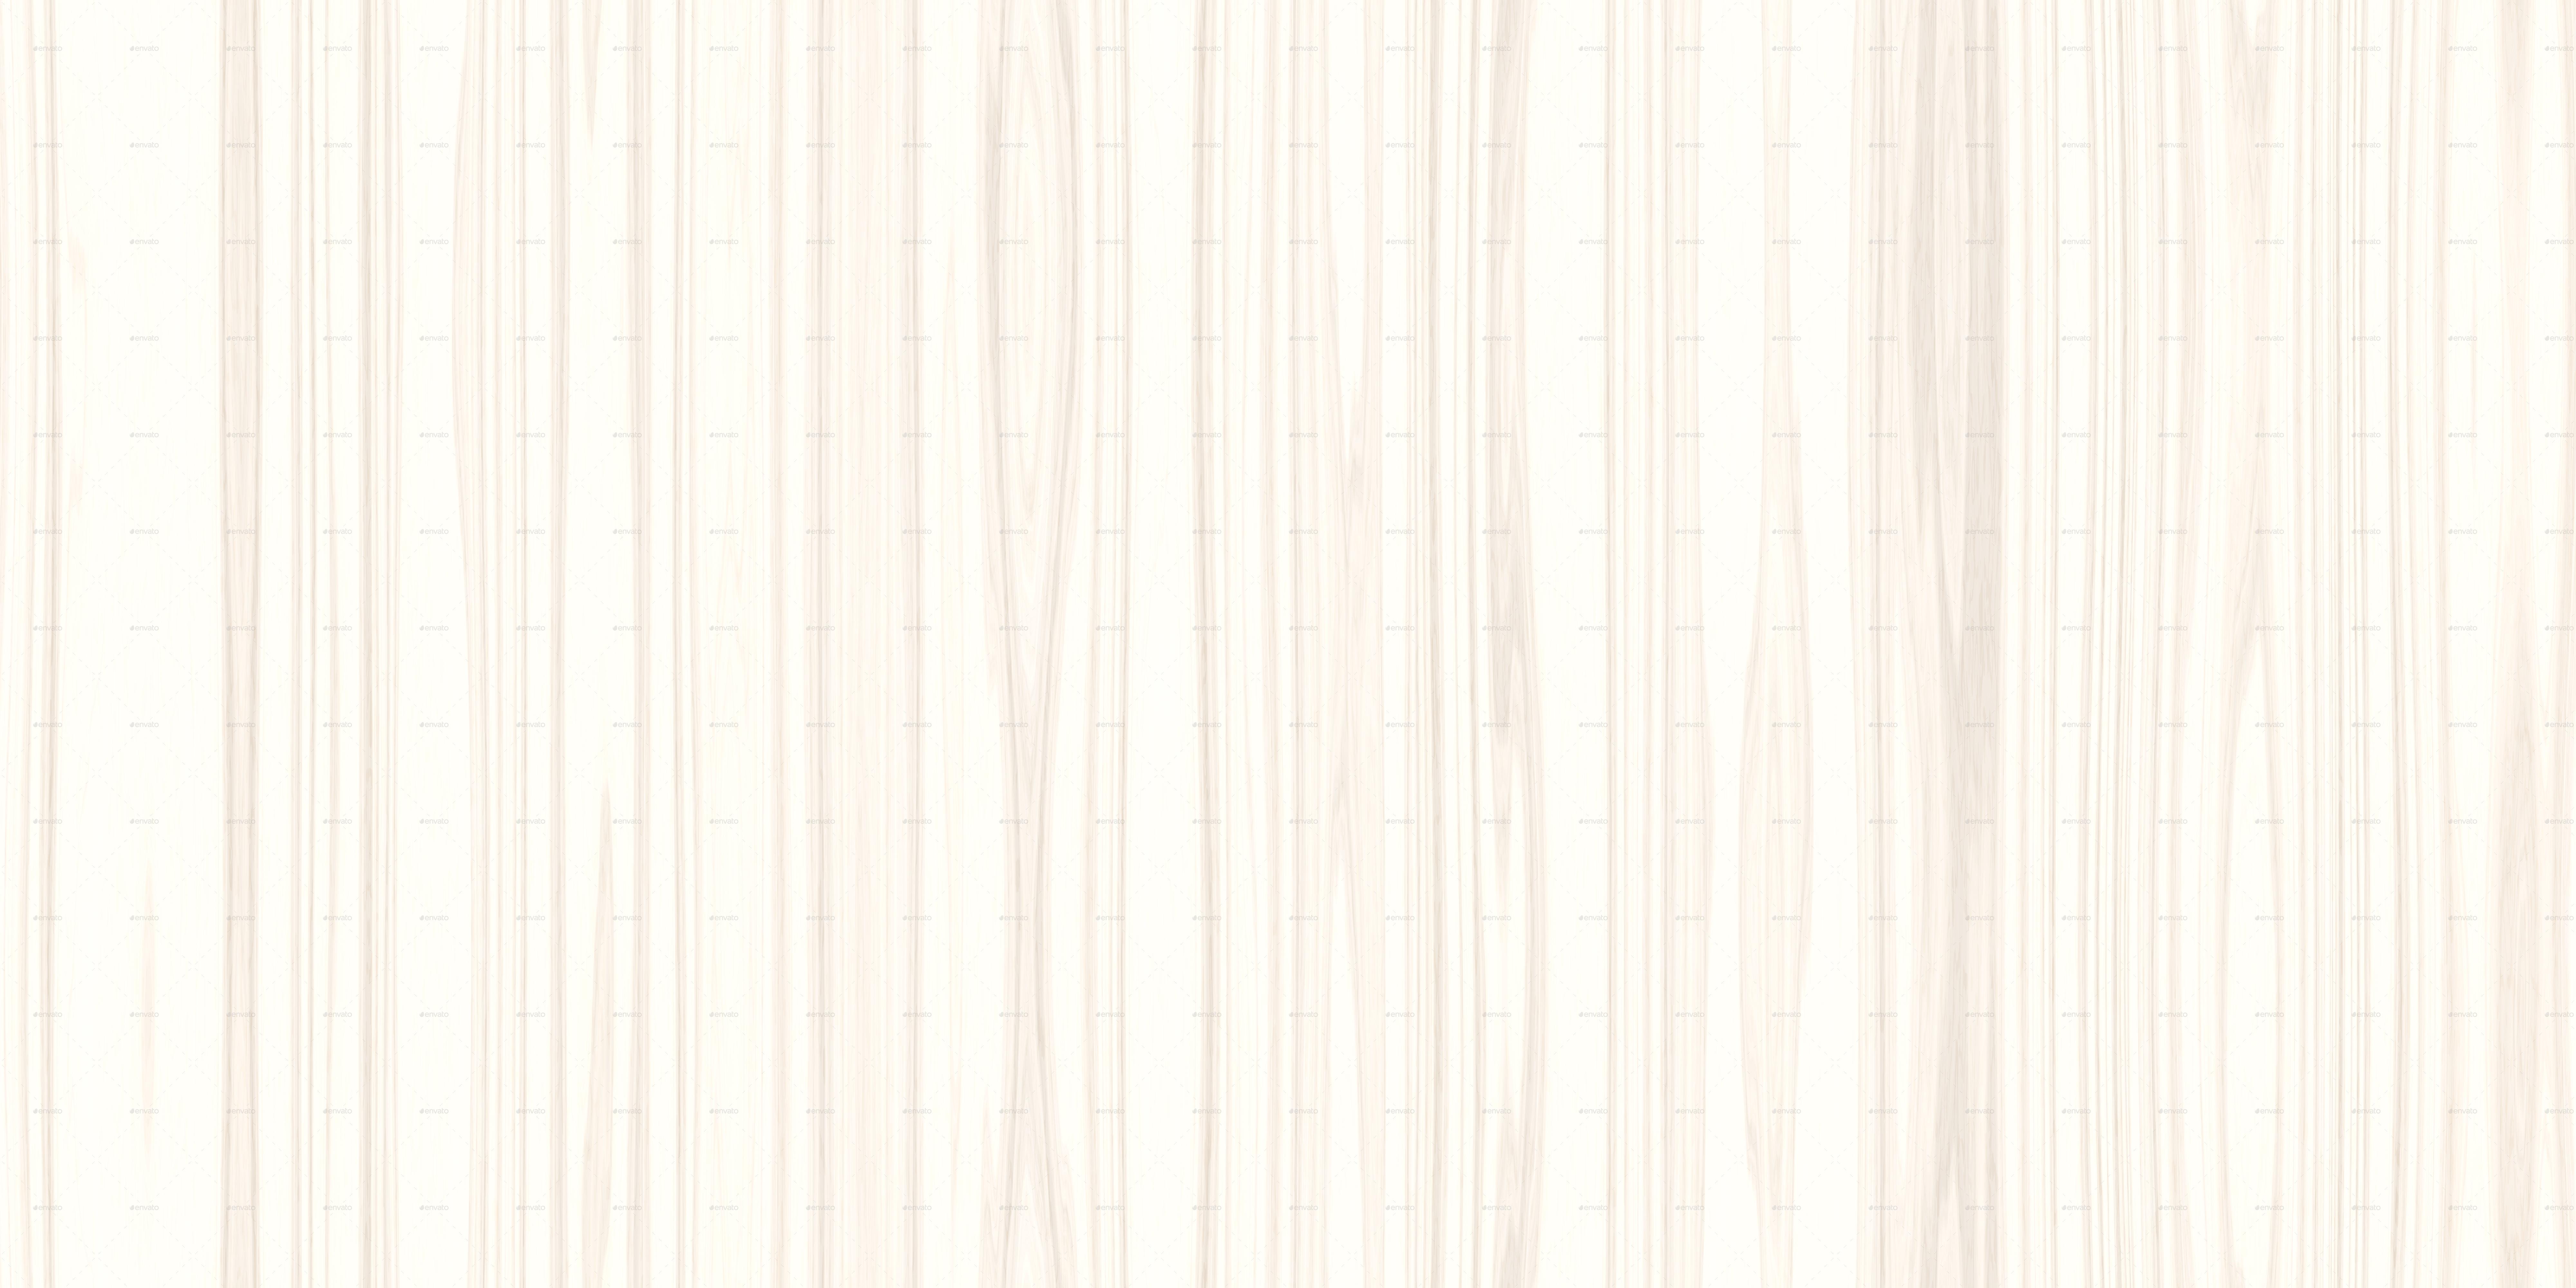 ... Seamless White Wood Texture 2 ...